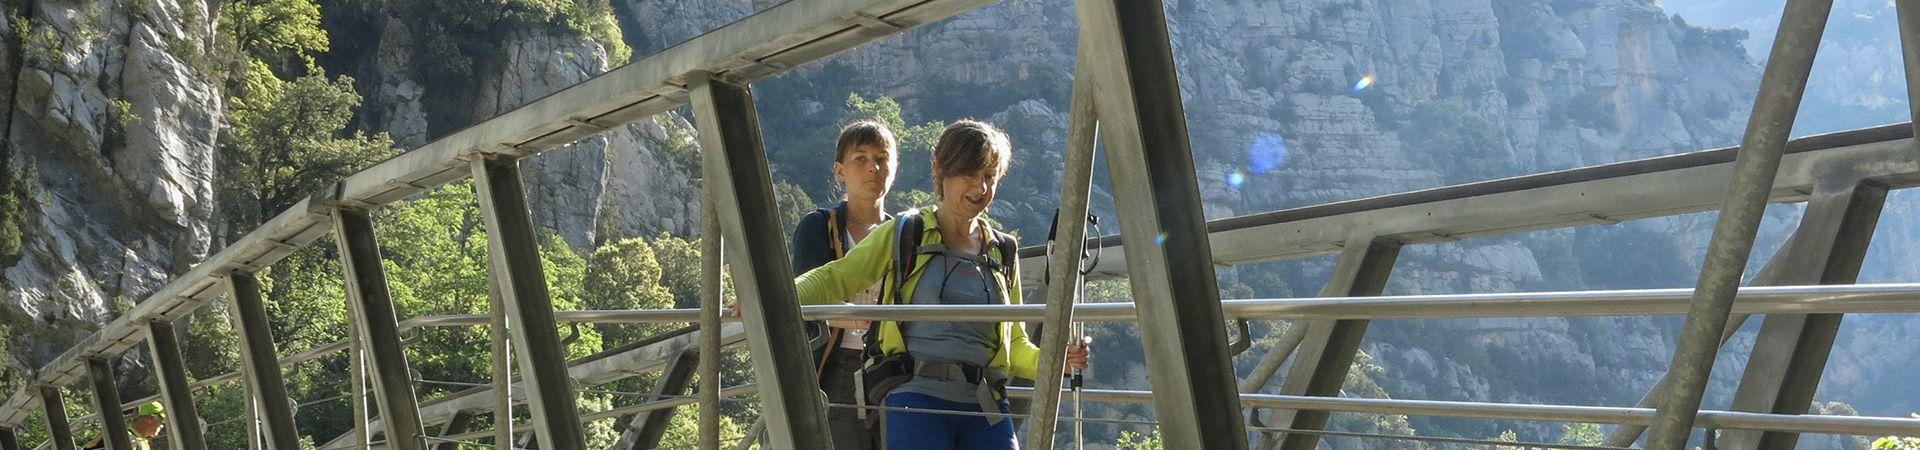 Randonneuse en aidant une autre à traverser un pont dans la montagne